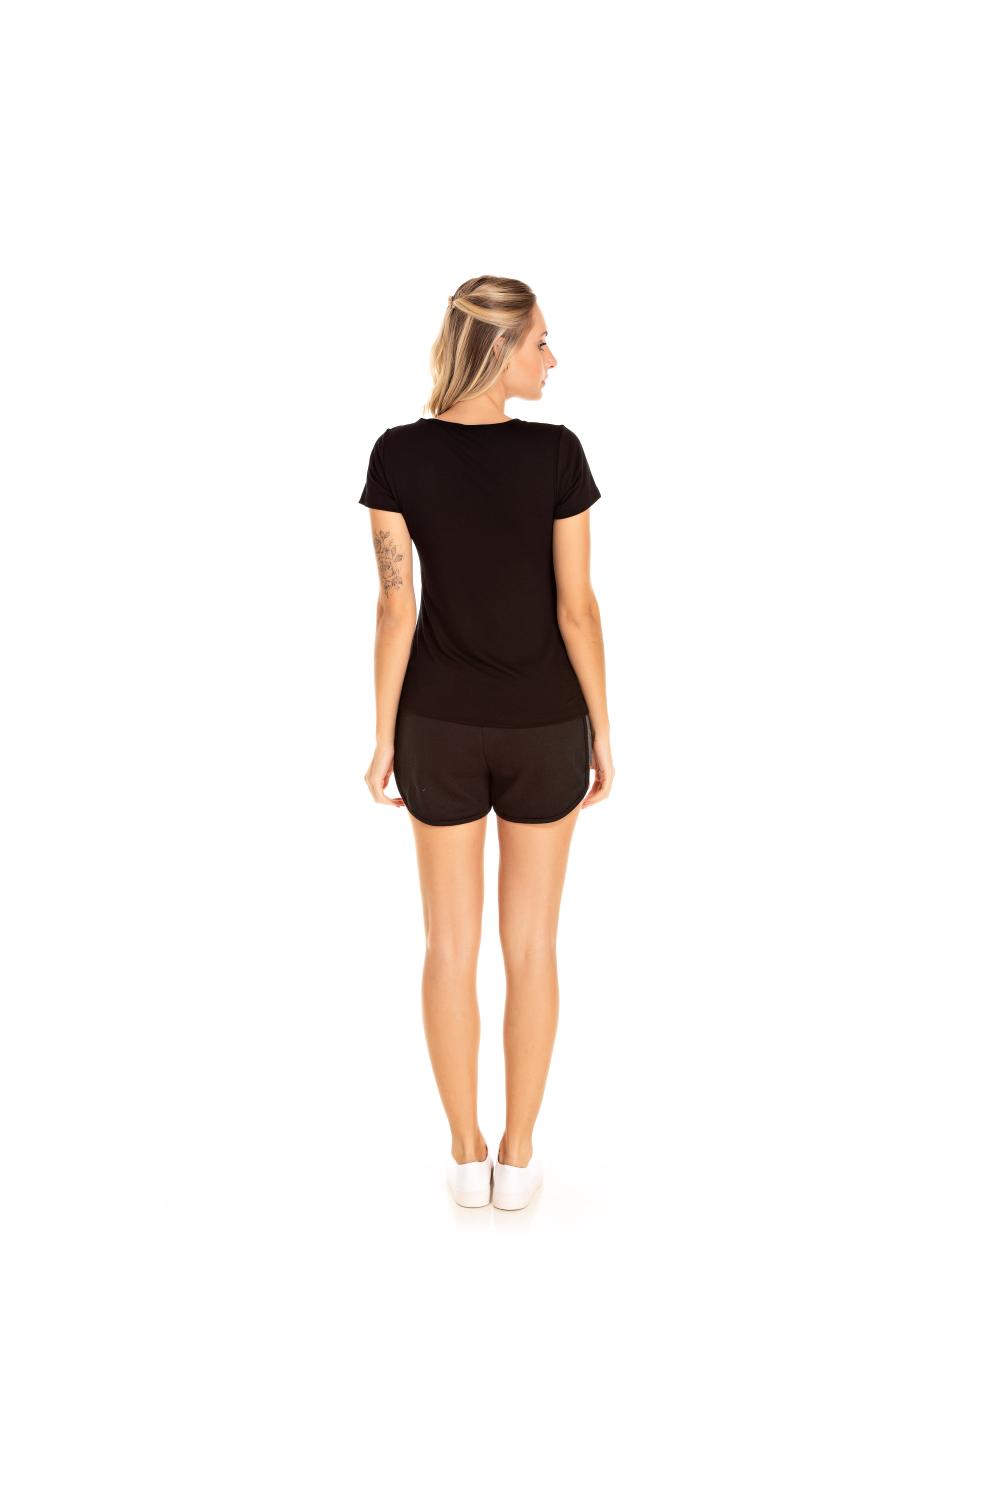 051/D -  Shorts Feminino Moletom